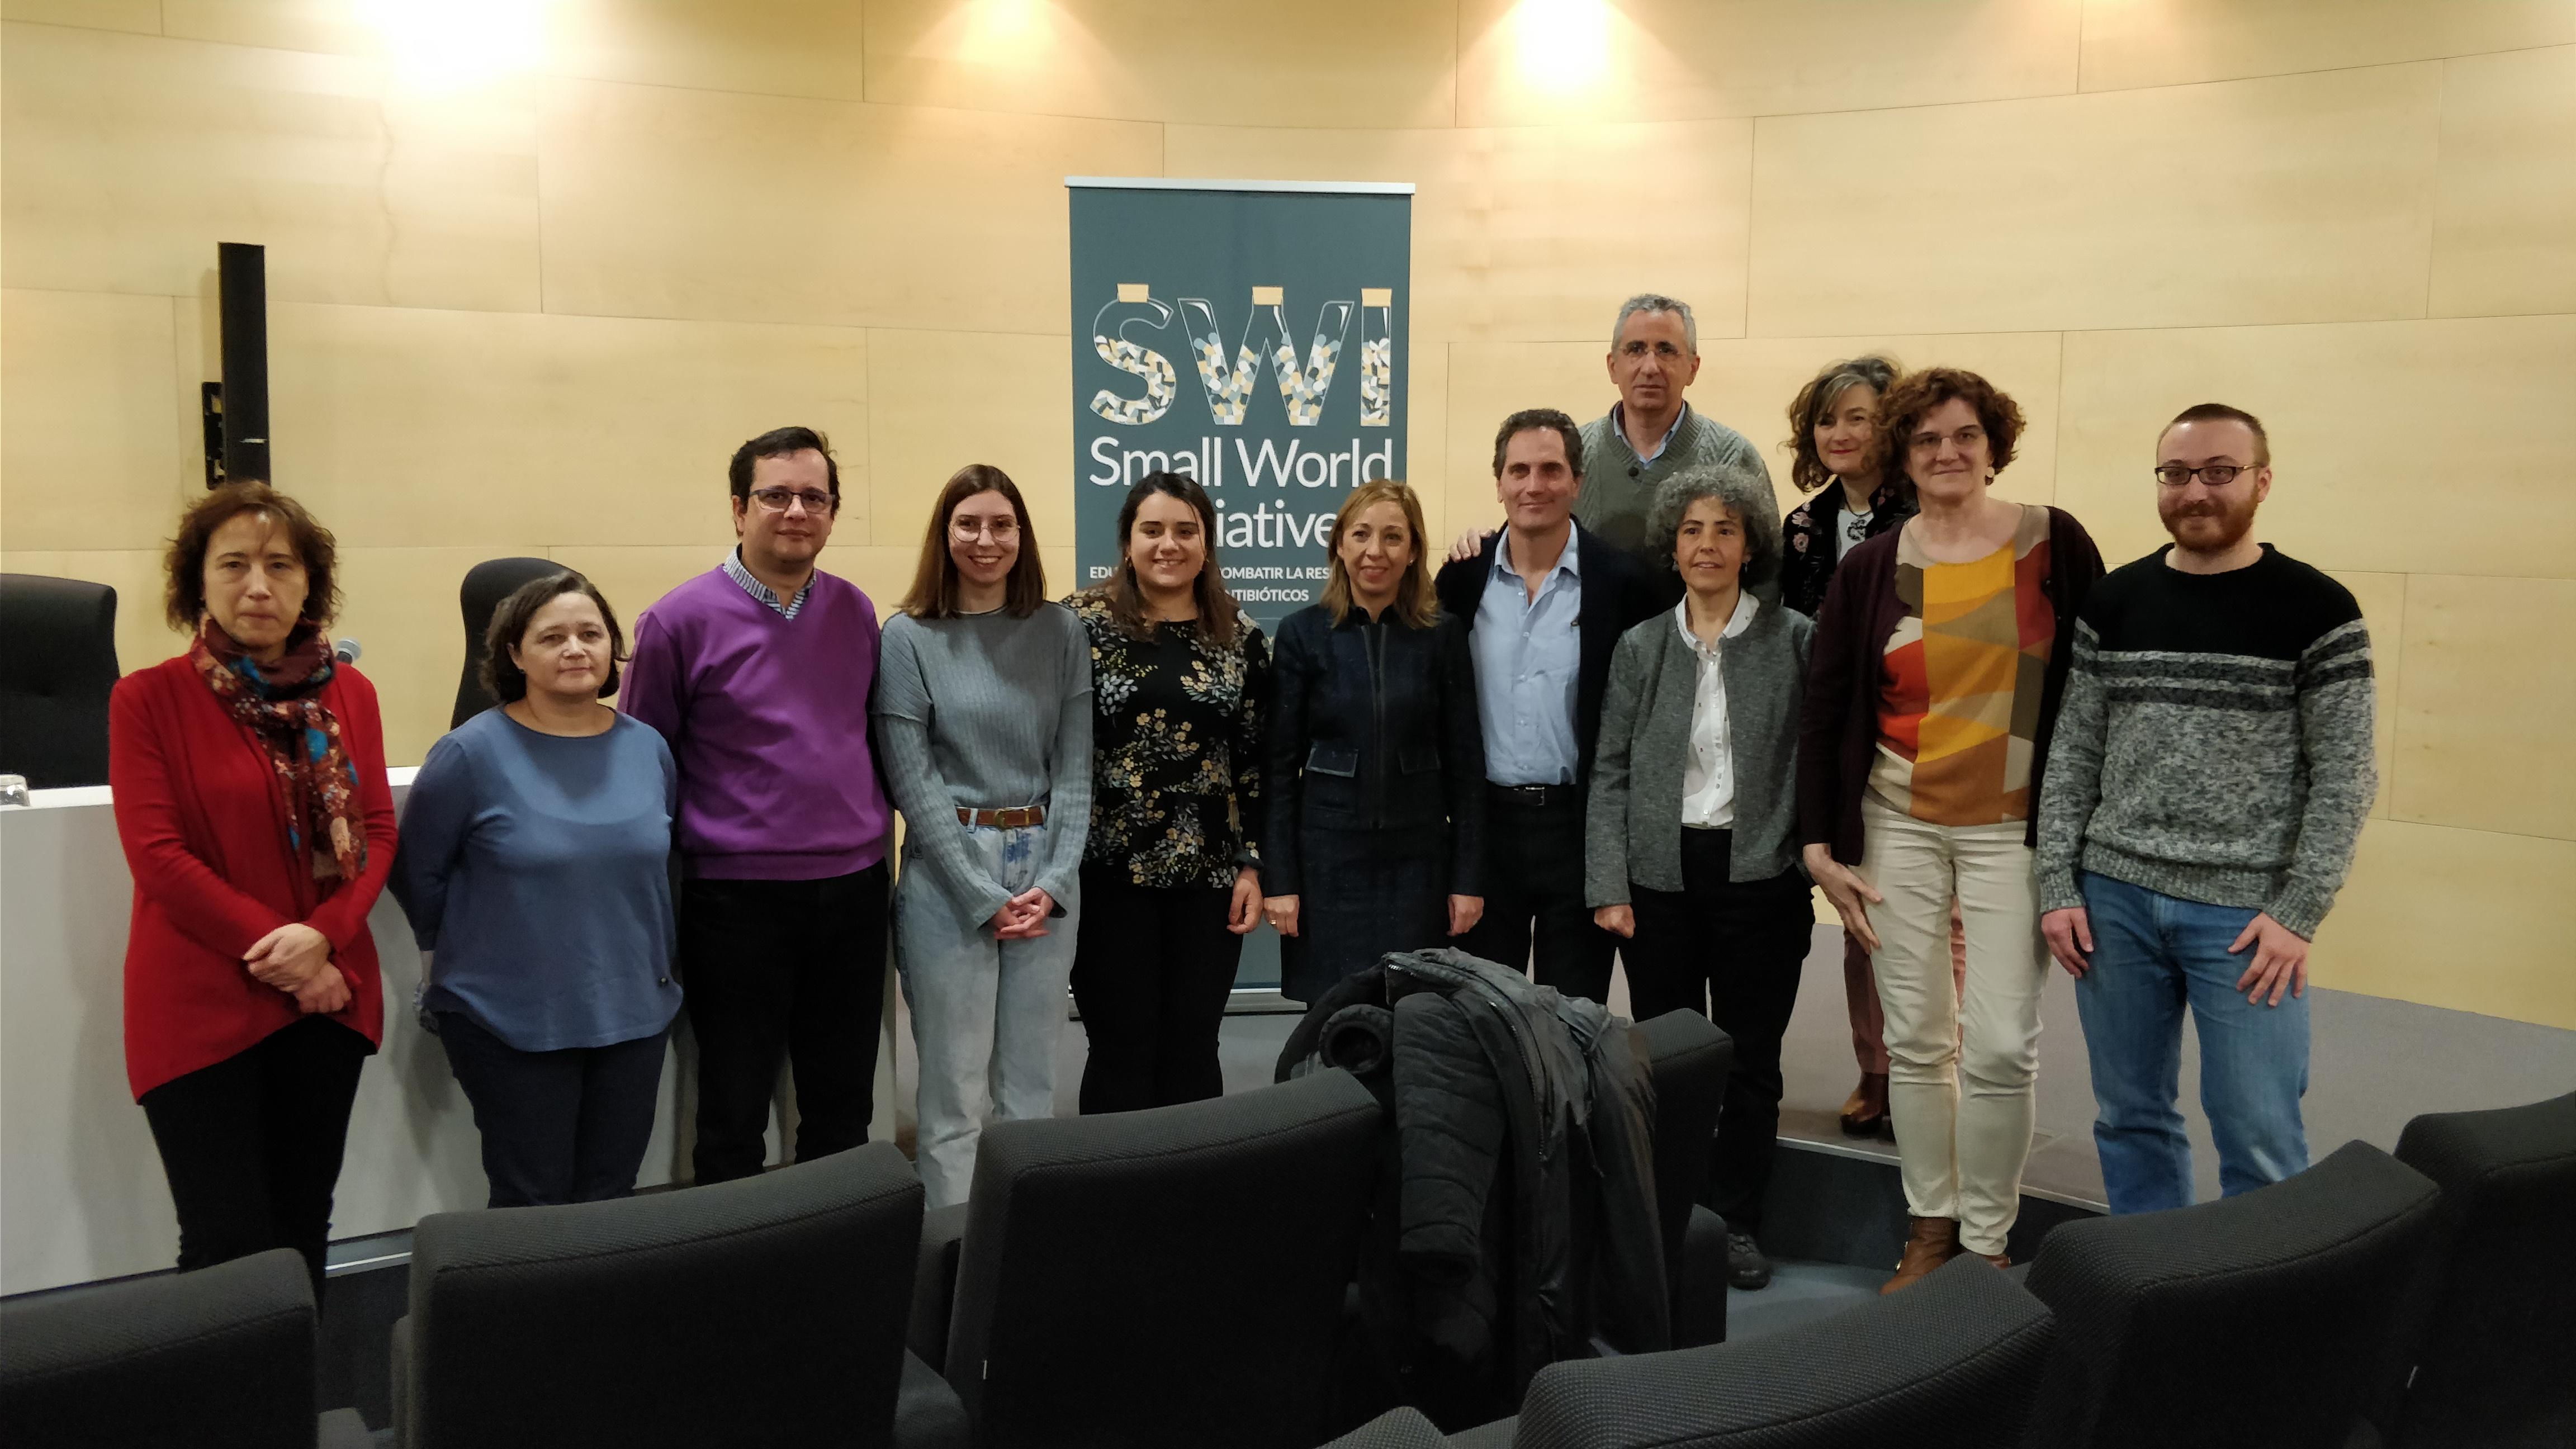 La Universidad de Salamanca impulsa la vocación investigadora de los jóvenes ante la crisis antibiótica global causada por la multirresistencia en bacterias